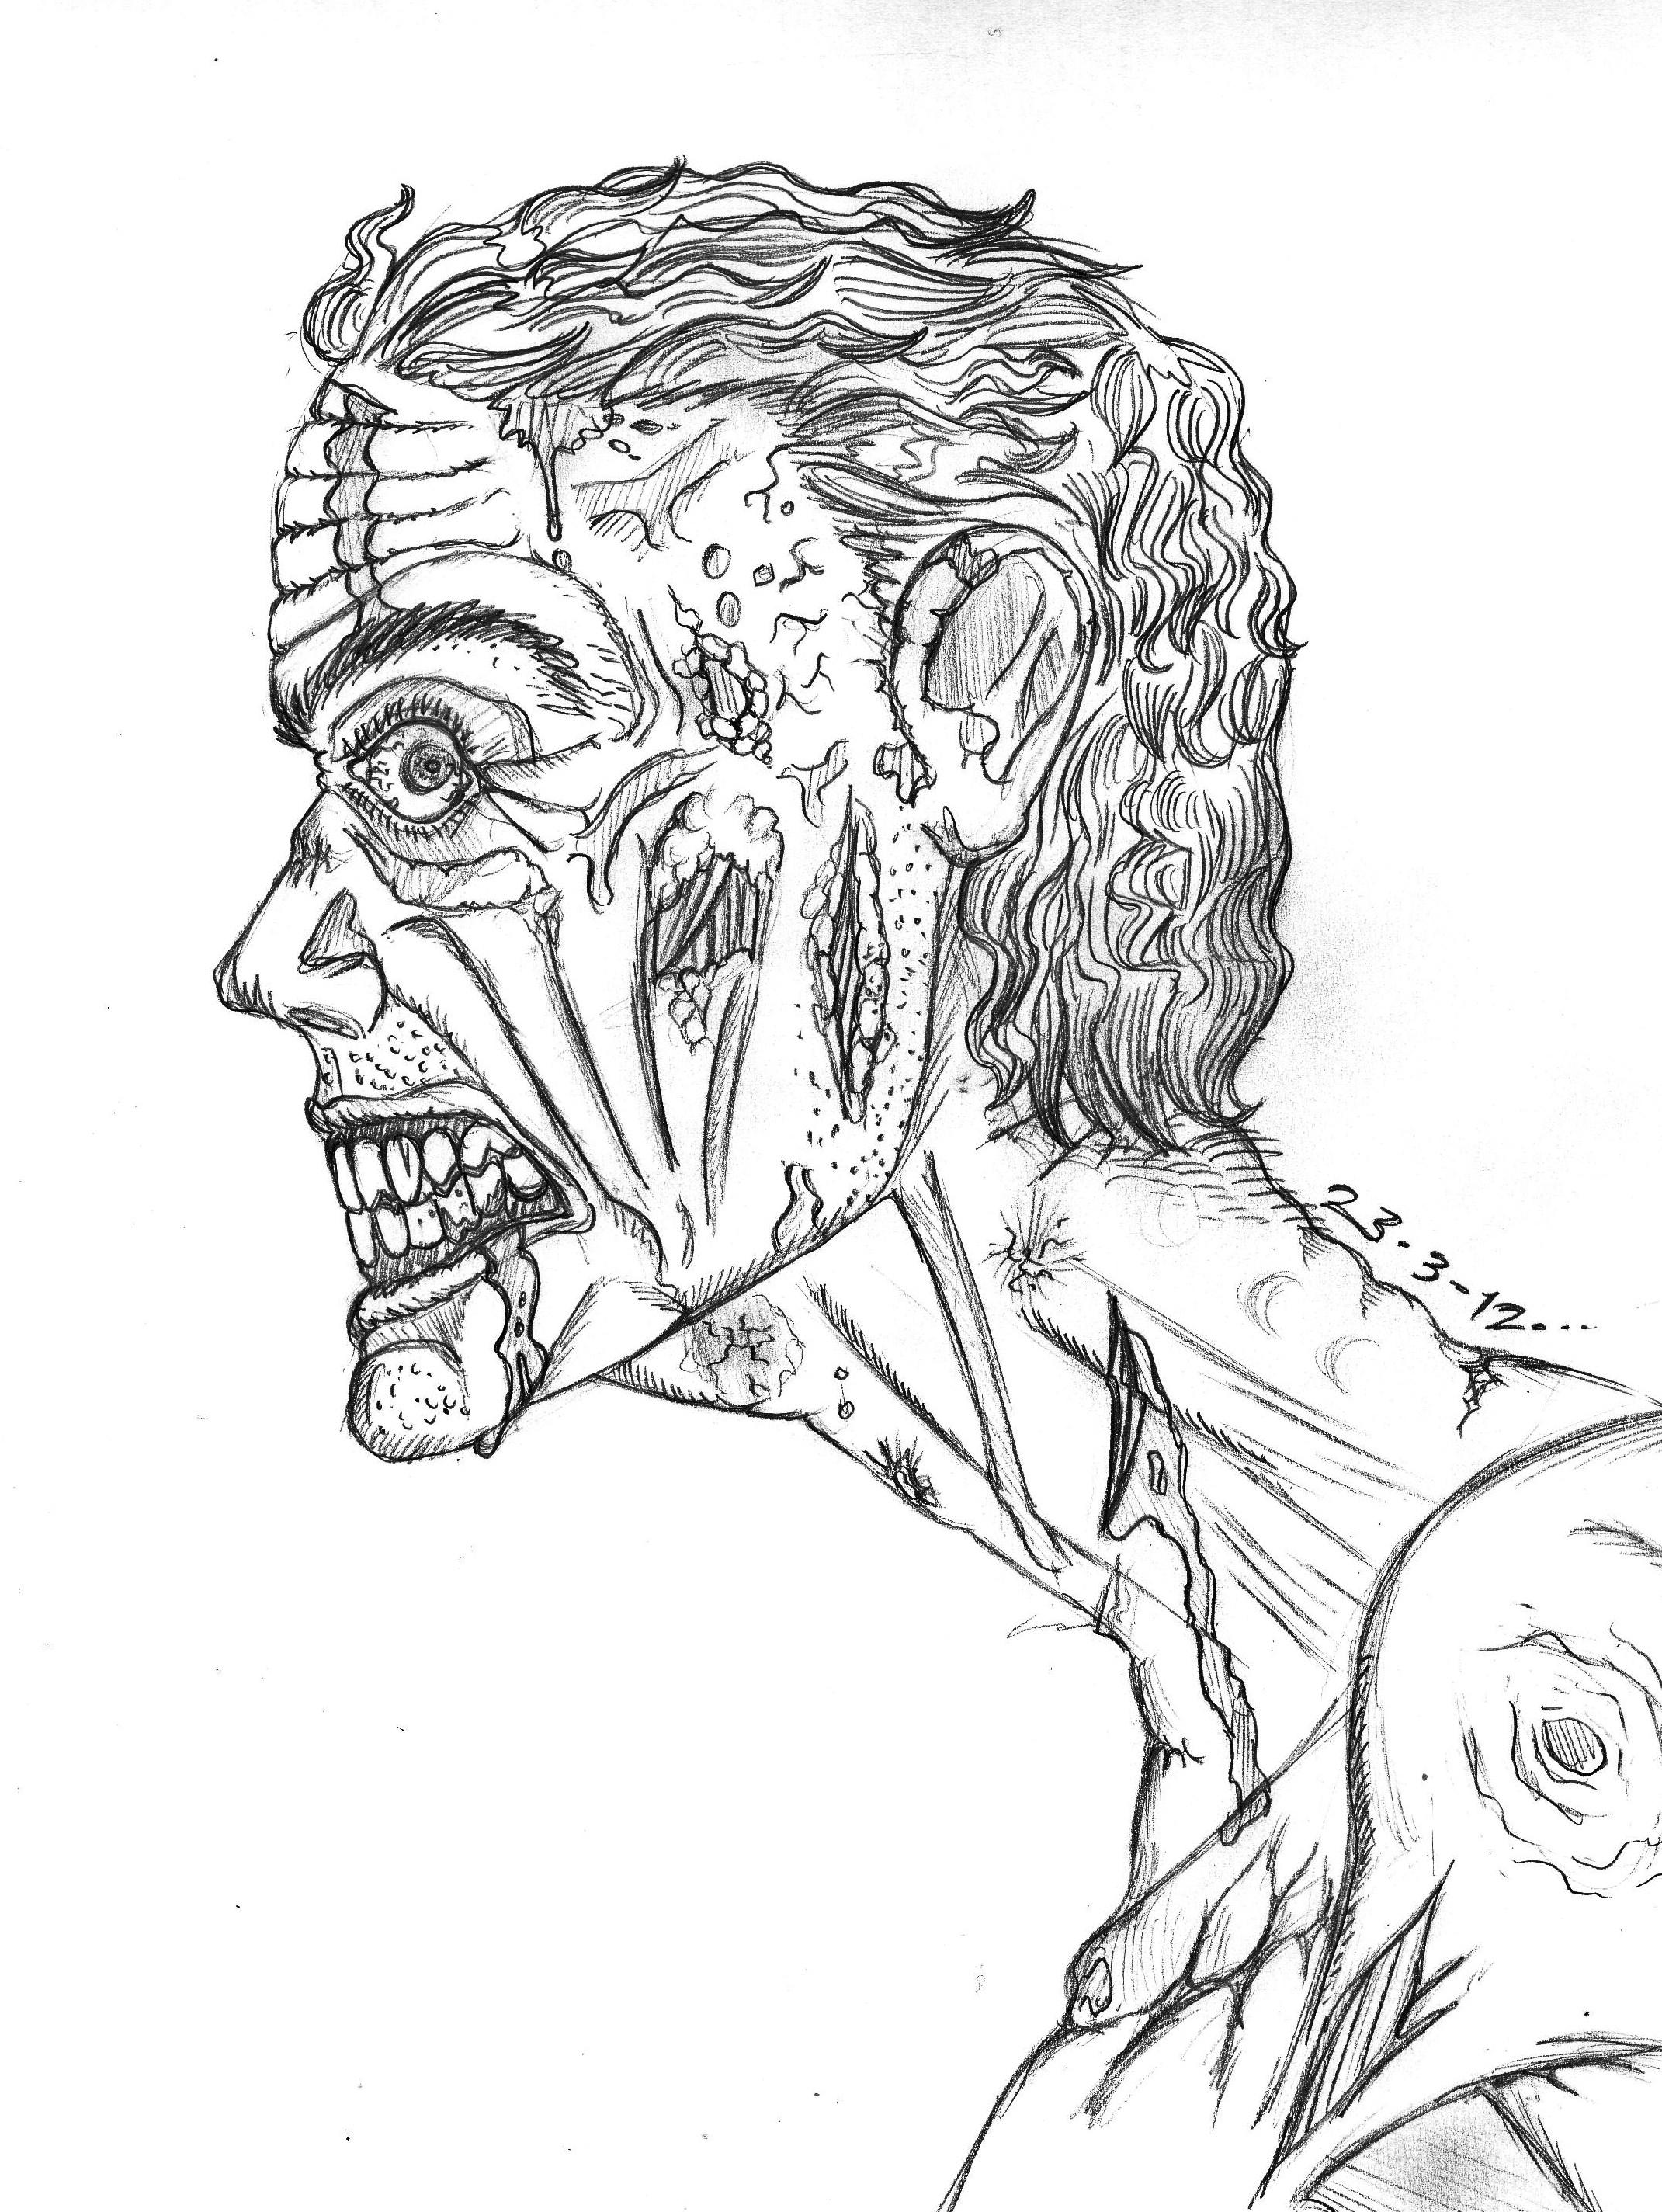 Zombie sketch by TheWallProducciones on DeviantArt